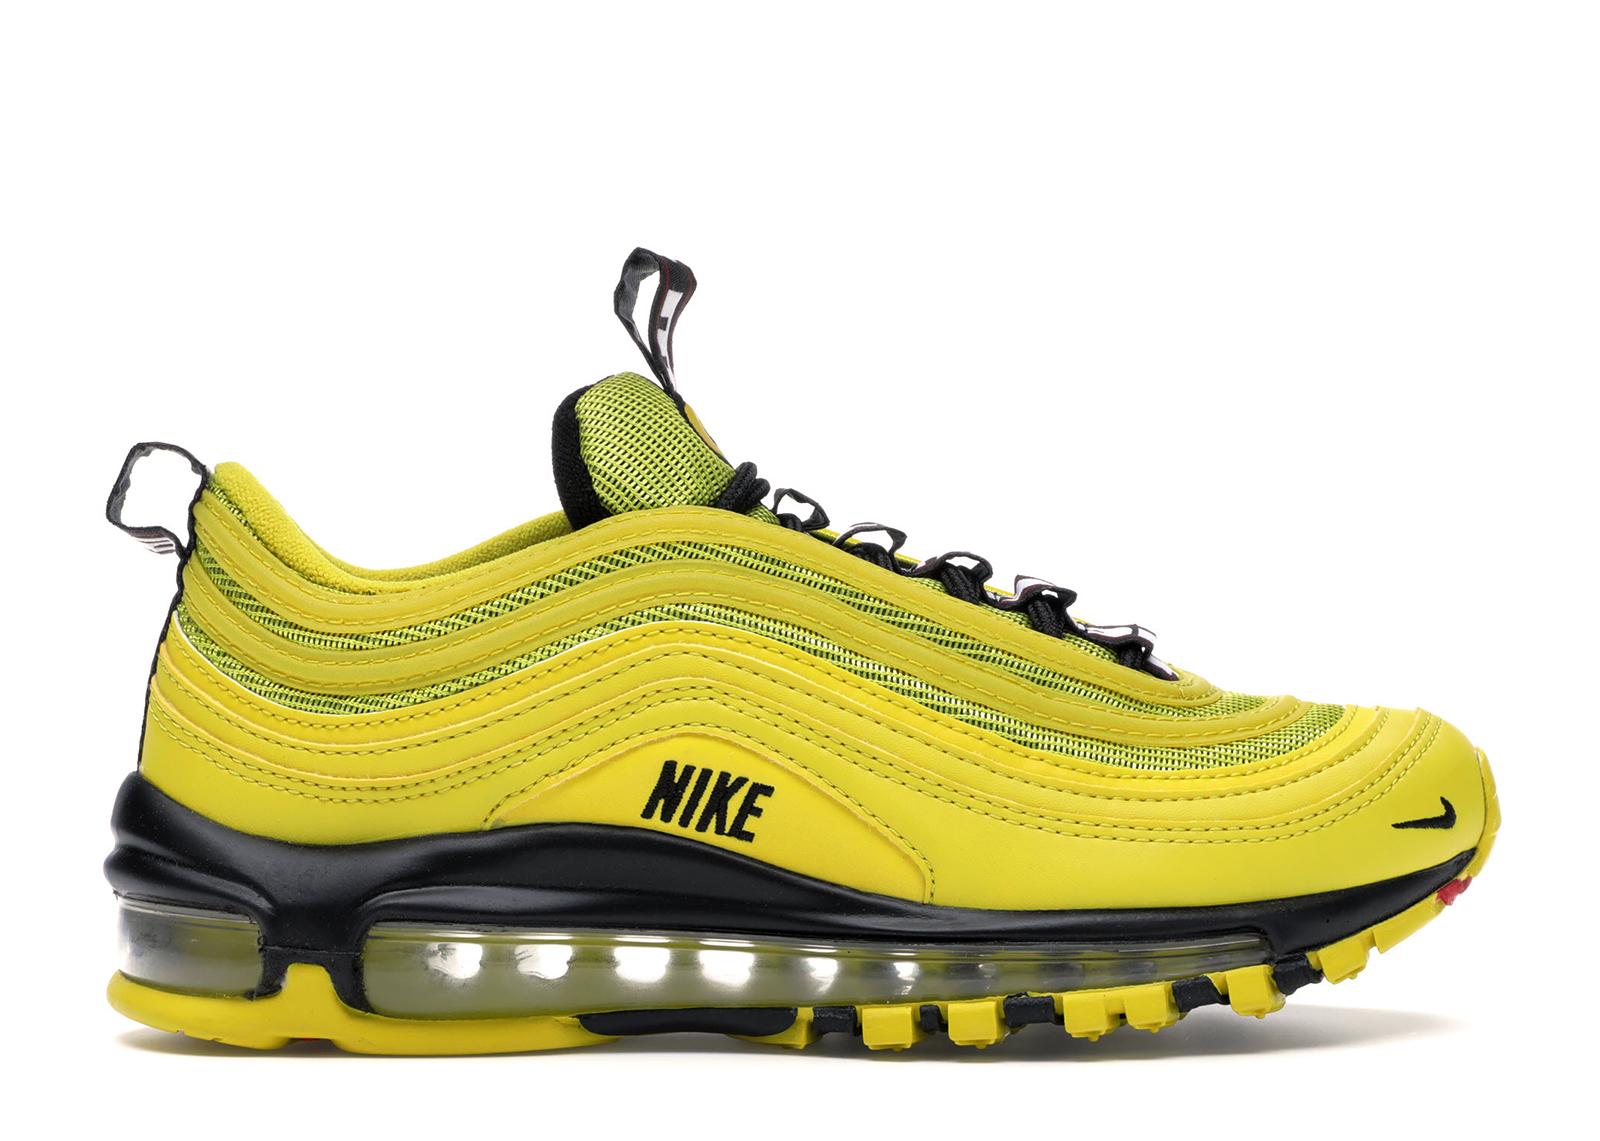 Nike Air Max 97 Bright Citron (GS